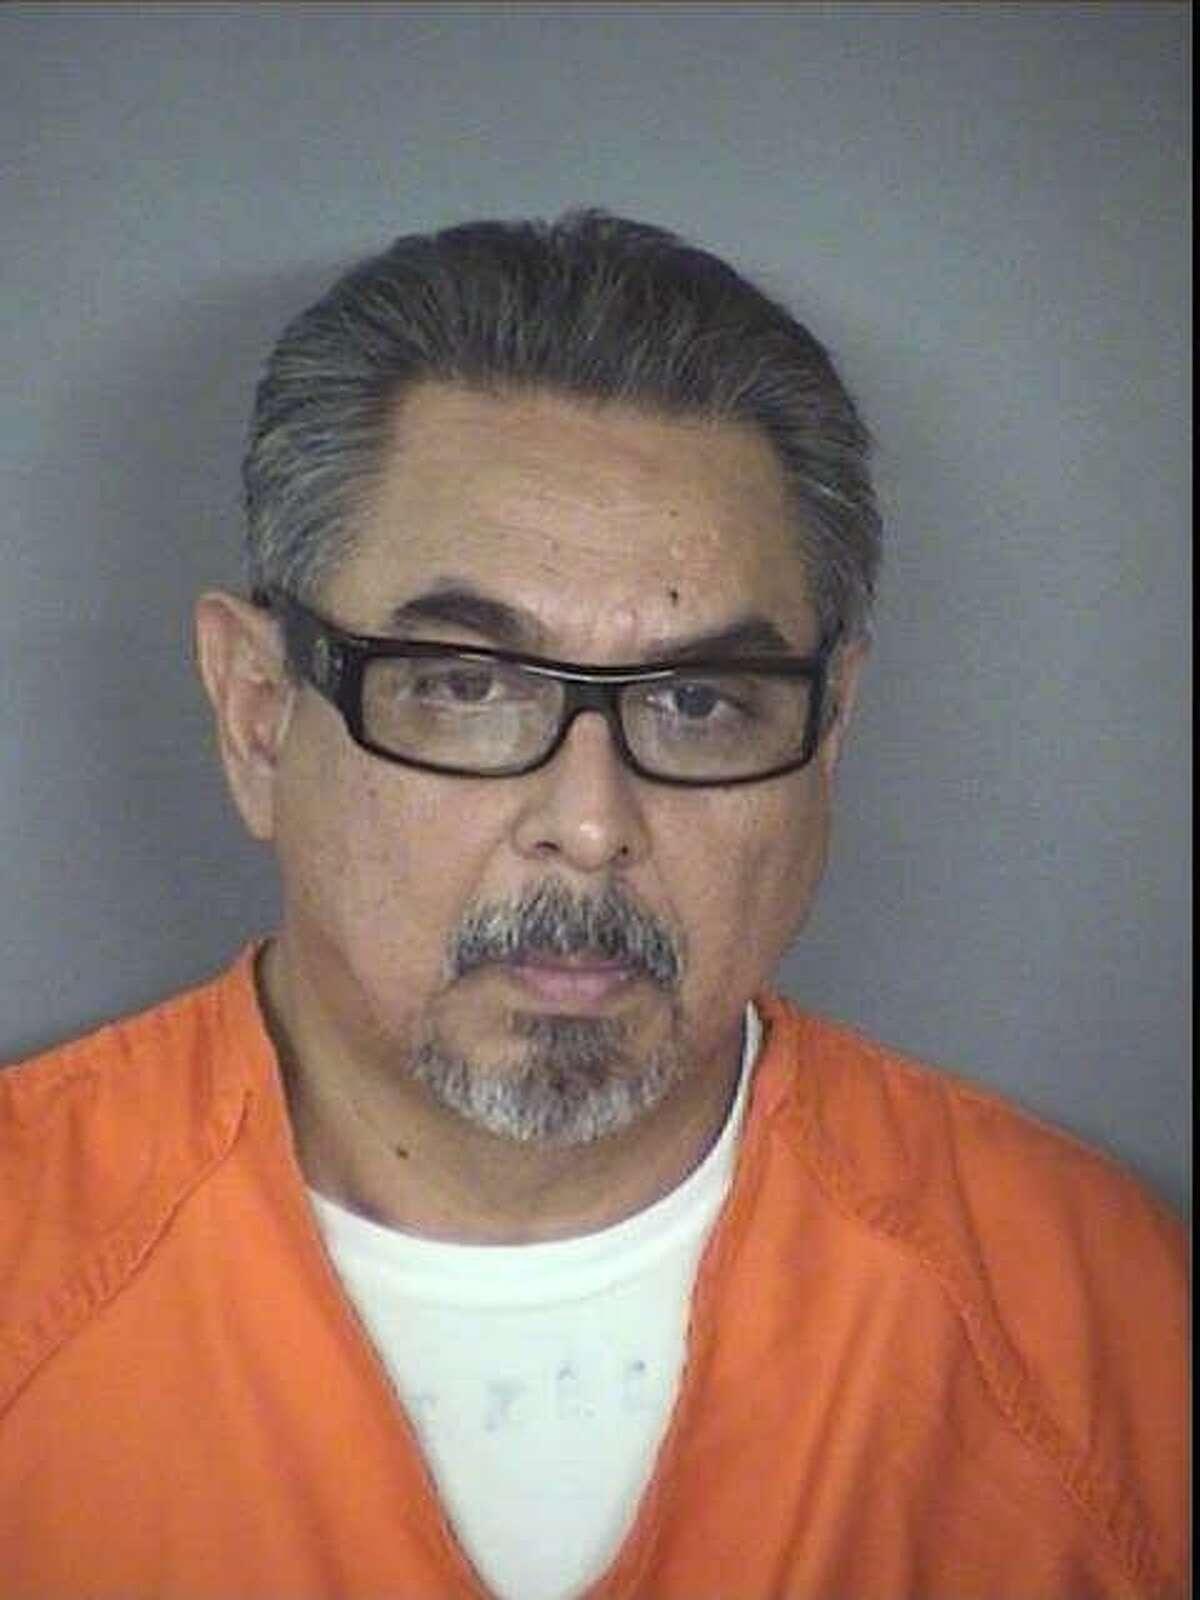 Eddie Martinez pictured after an arrest in 2010.